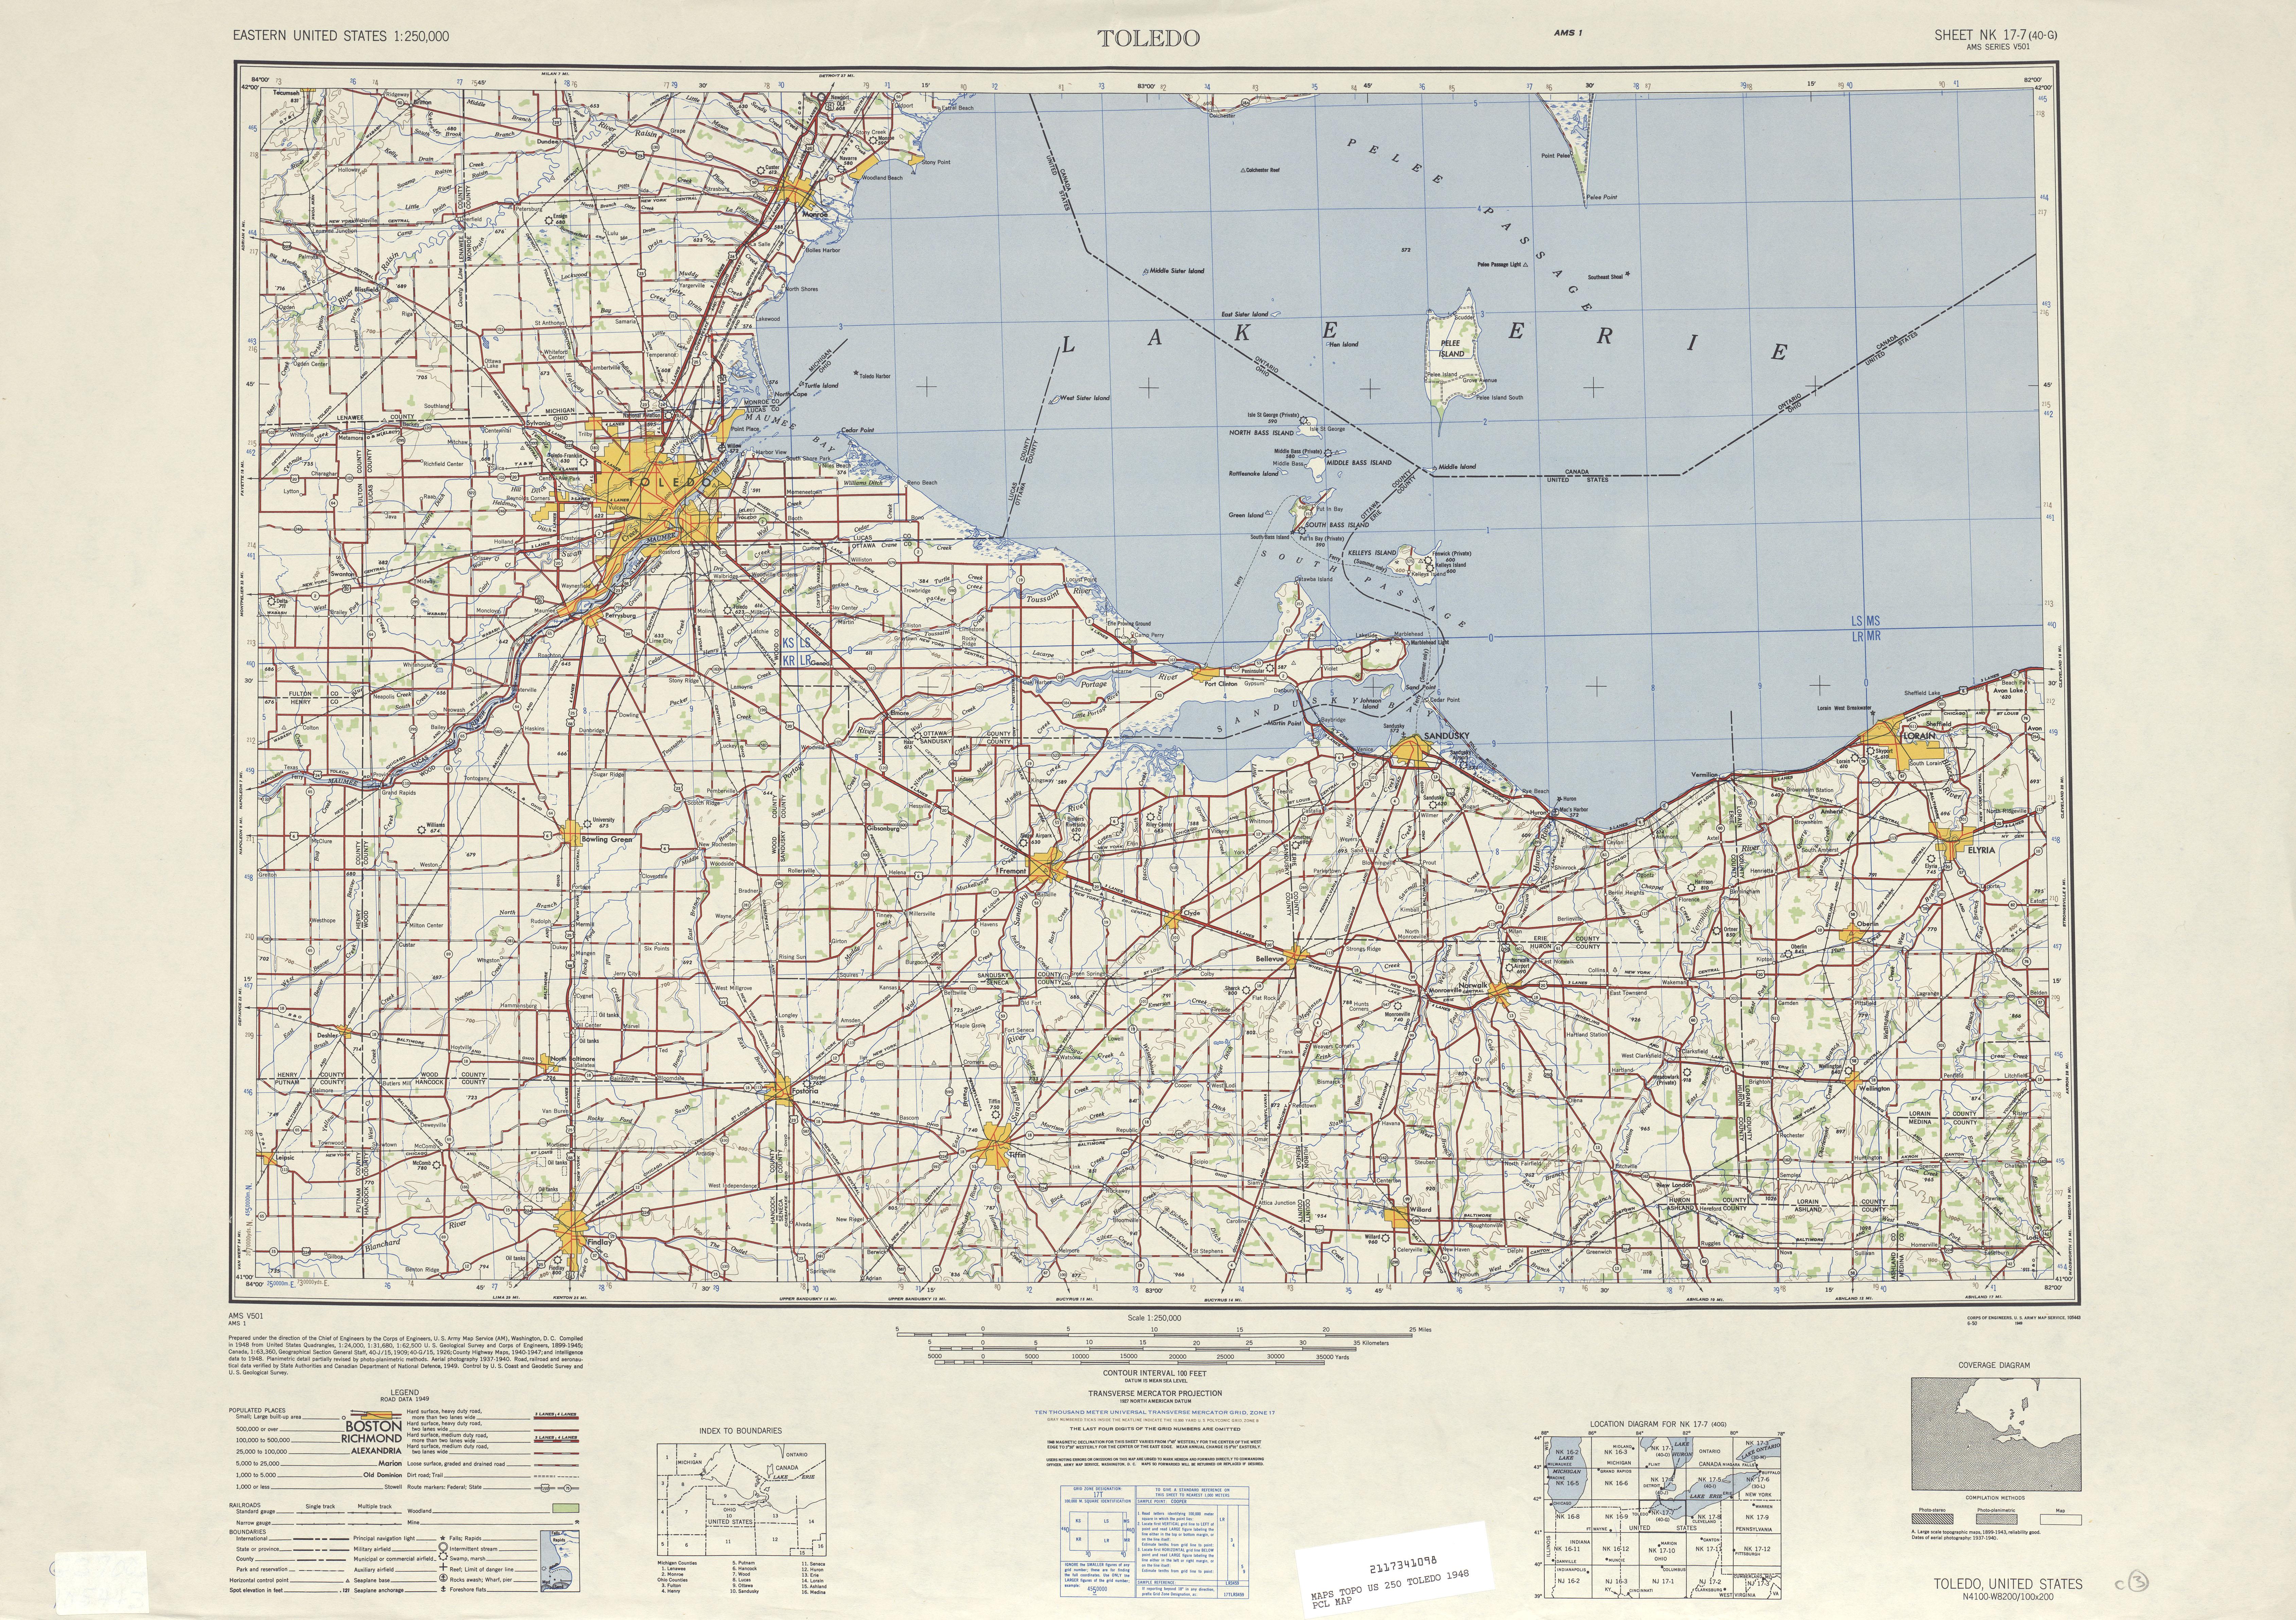 Hoja Toledo del Mapa Topográfico de los Estados Unidos 1948